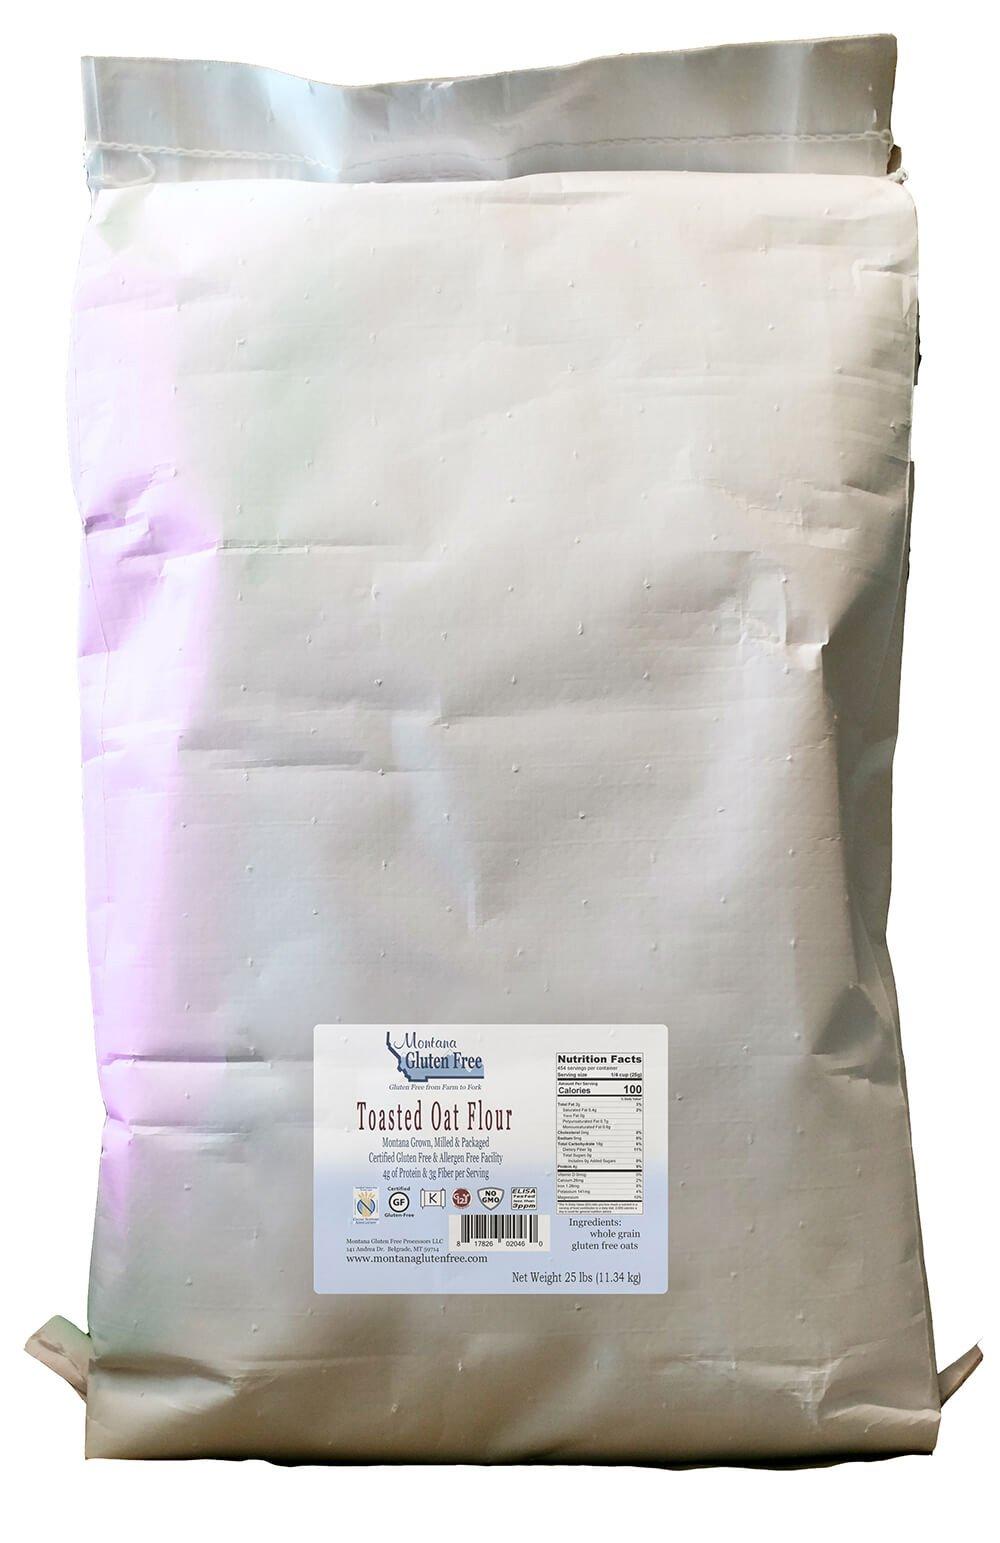 Montana Gluten Free Toasted Oat Flour, 25 Pound